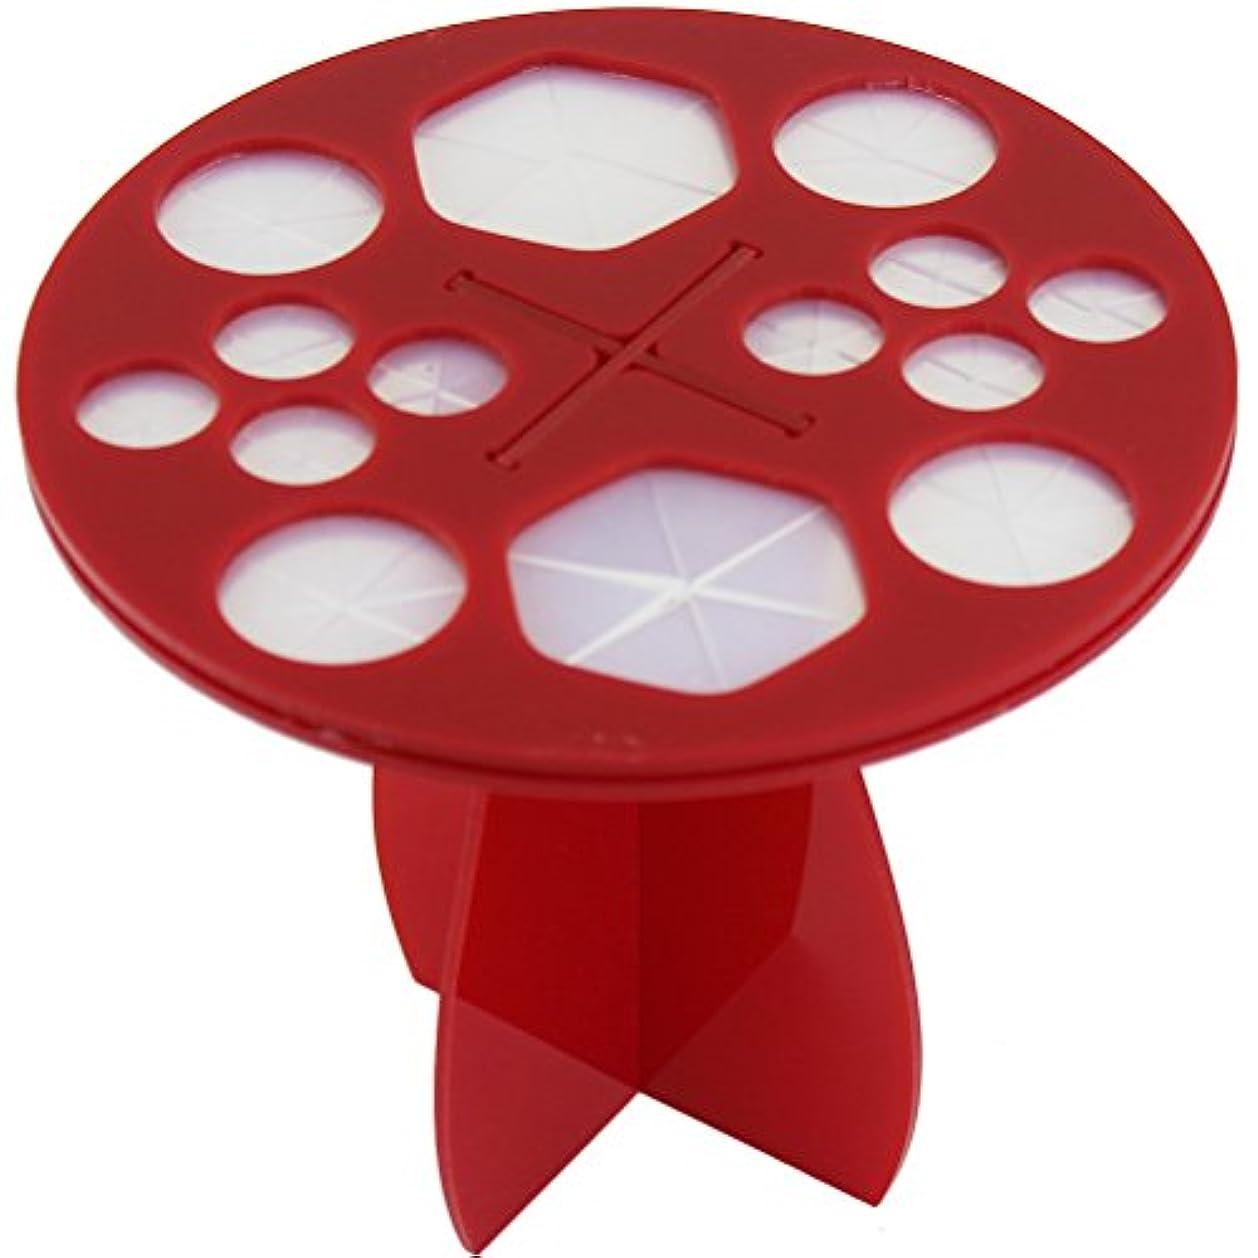 むしろ小道ウェーハ(メイクアップエーシーシー) MakeupAcc メイクブラシ干しラック ブラシ収納 アクリル乾かすブラシフレーム メイクアップブラシホルダー  ラウンド型 3色 (赤) [並行輸入品]